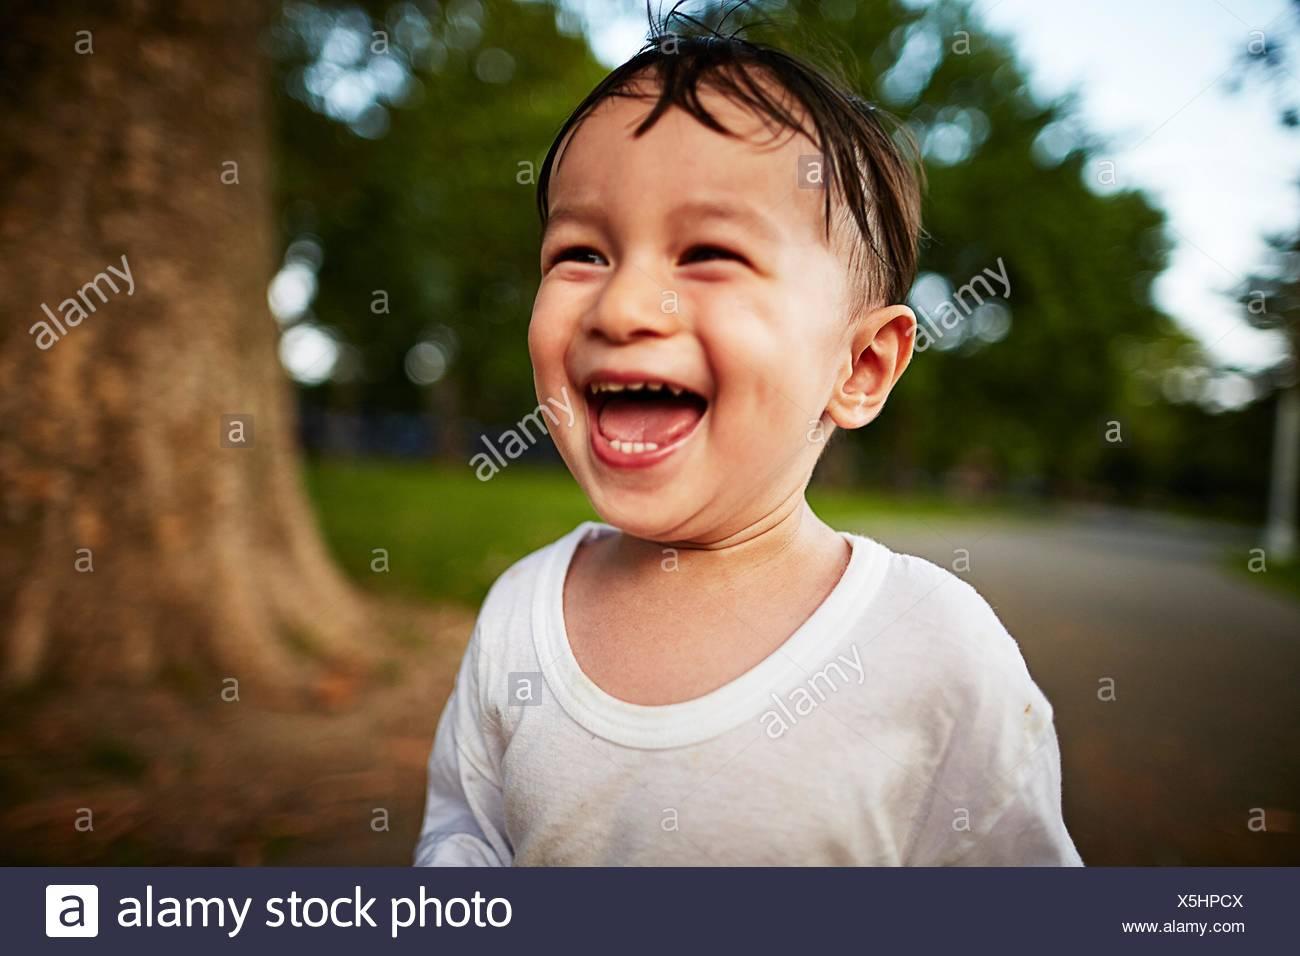 Portrait of happy boy - Stock Image